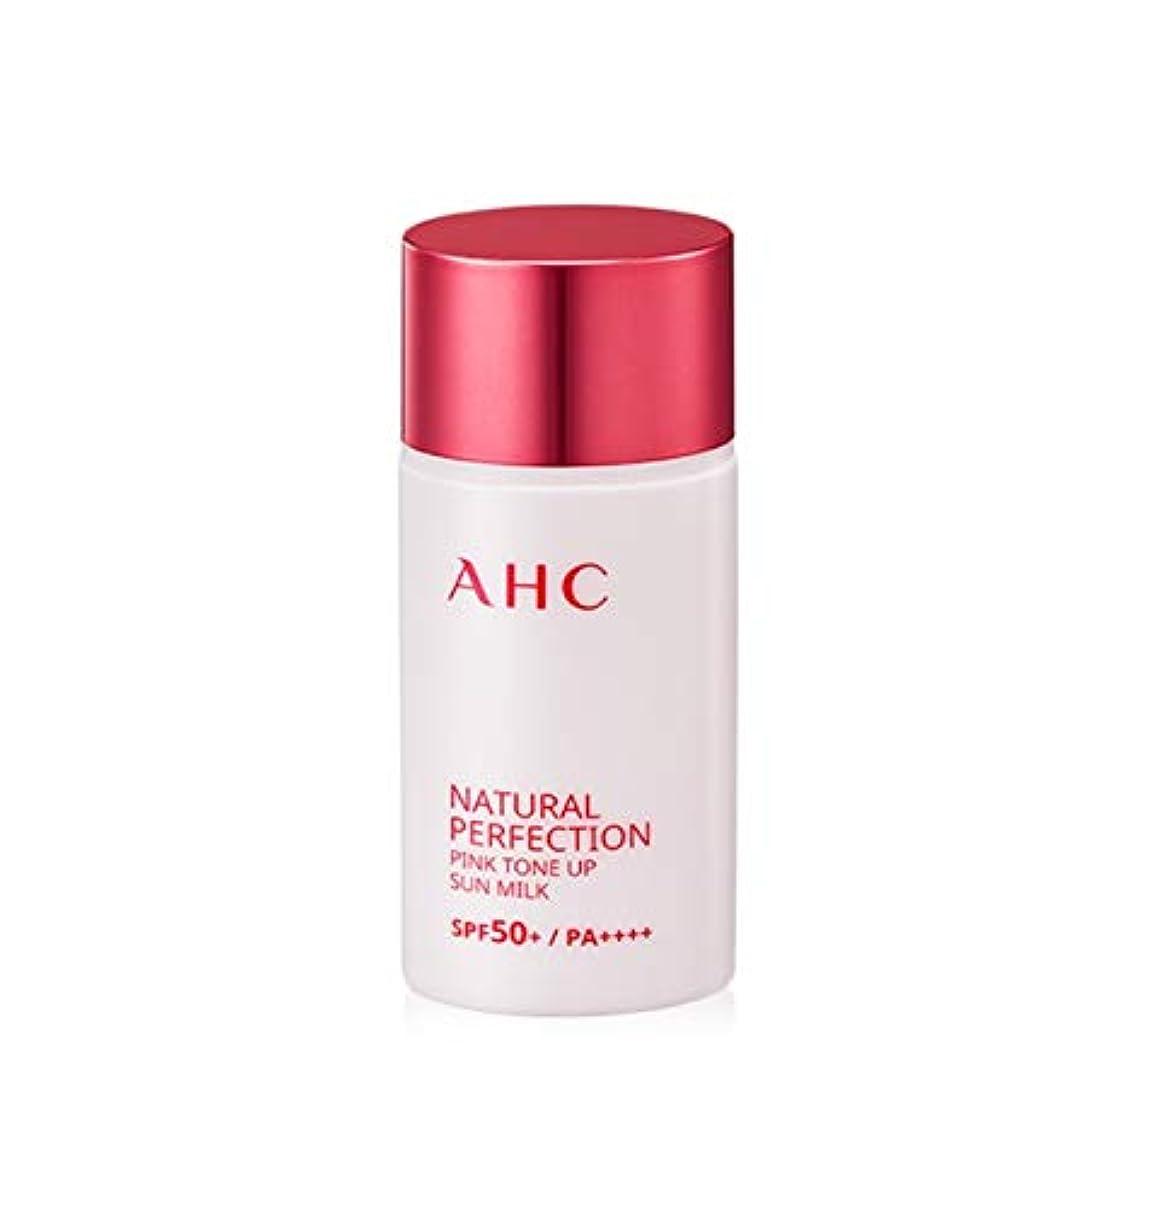 著名な放送ワットAHC ナチュラルパーフェクションピンクトンオプ線ミルク 40ml / AHC NATURAL PERFECTION PINK TONE UP SUN MILK 40ml [並行輸入品]